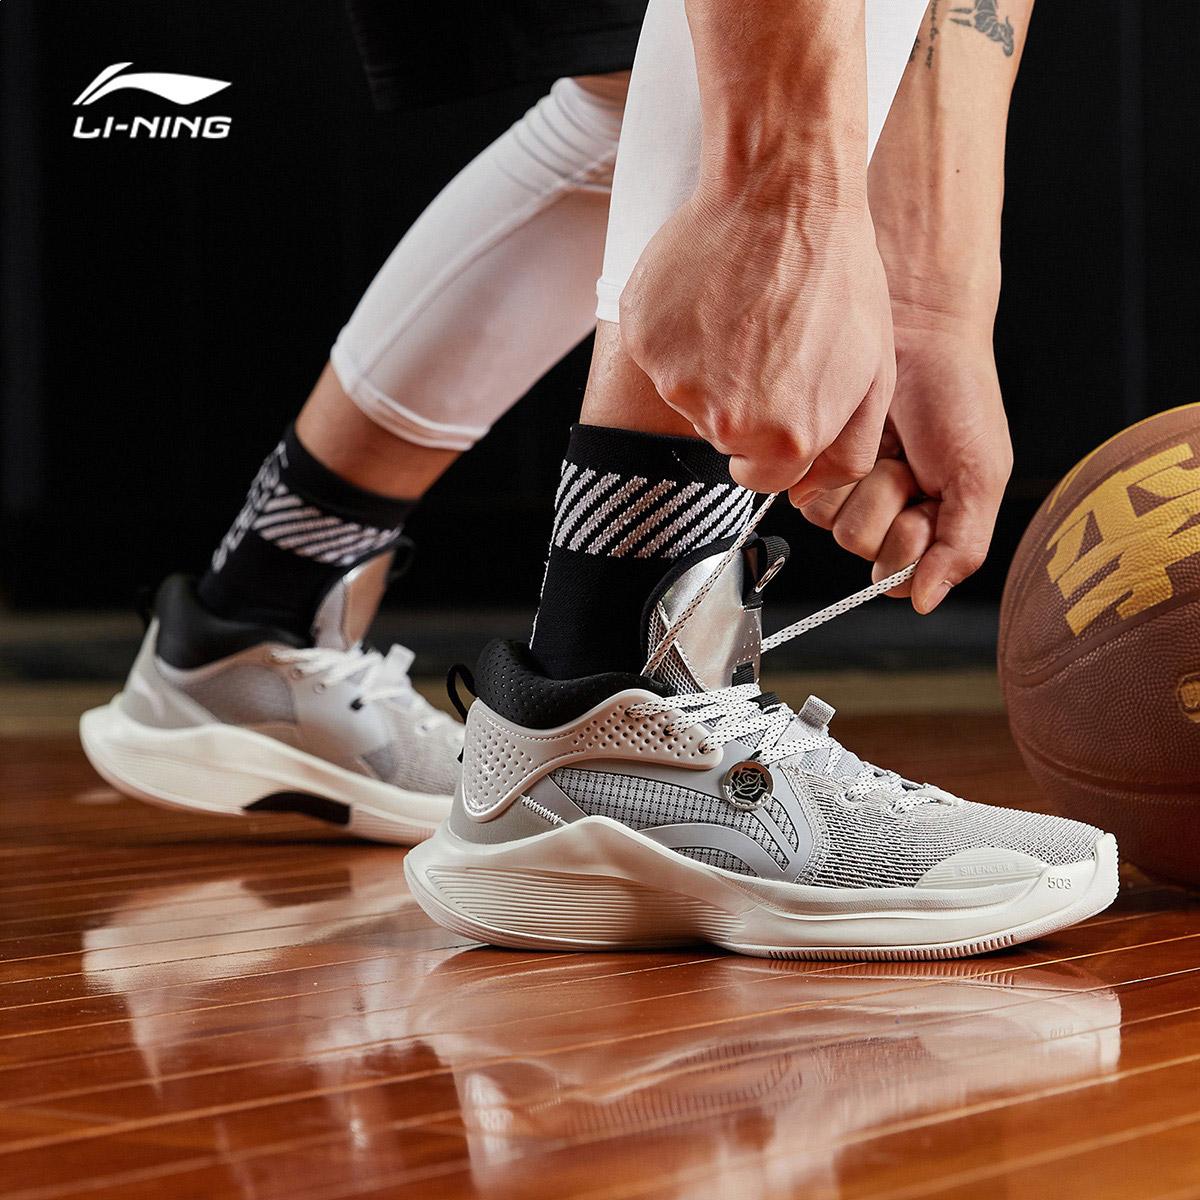 李宁篮球鞋男鞋2021秋季新款CJ迈克勒姆实战球鞋低帮透气运动鞋